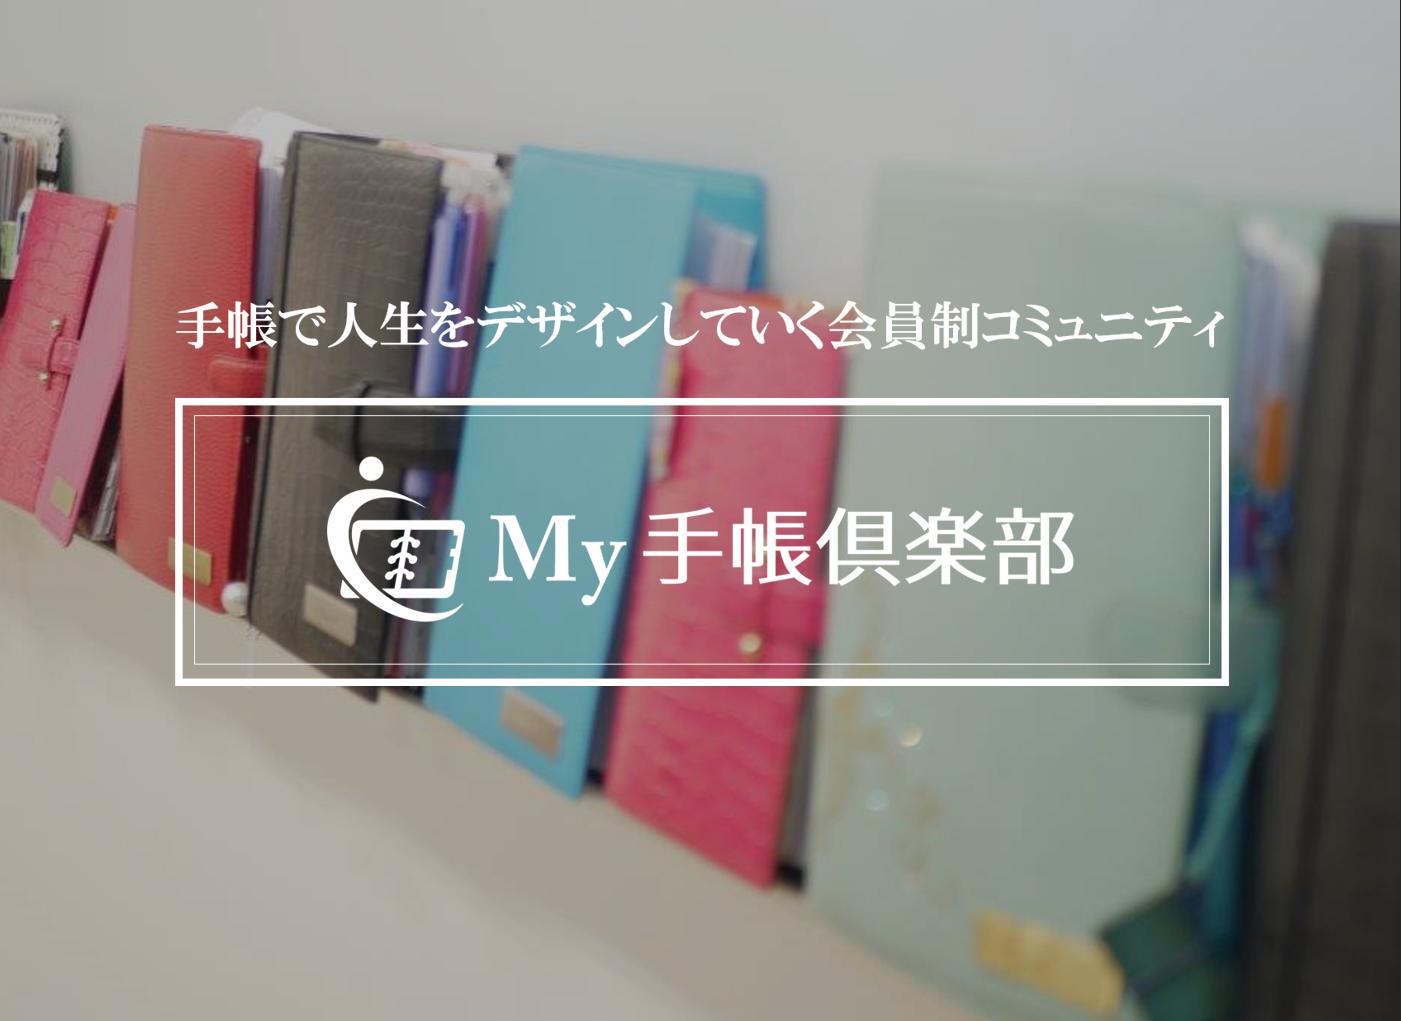 手帳で人生をデザインしていく会員制コミュニティ『My手帳倶楽部』